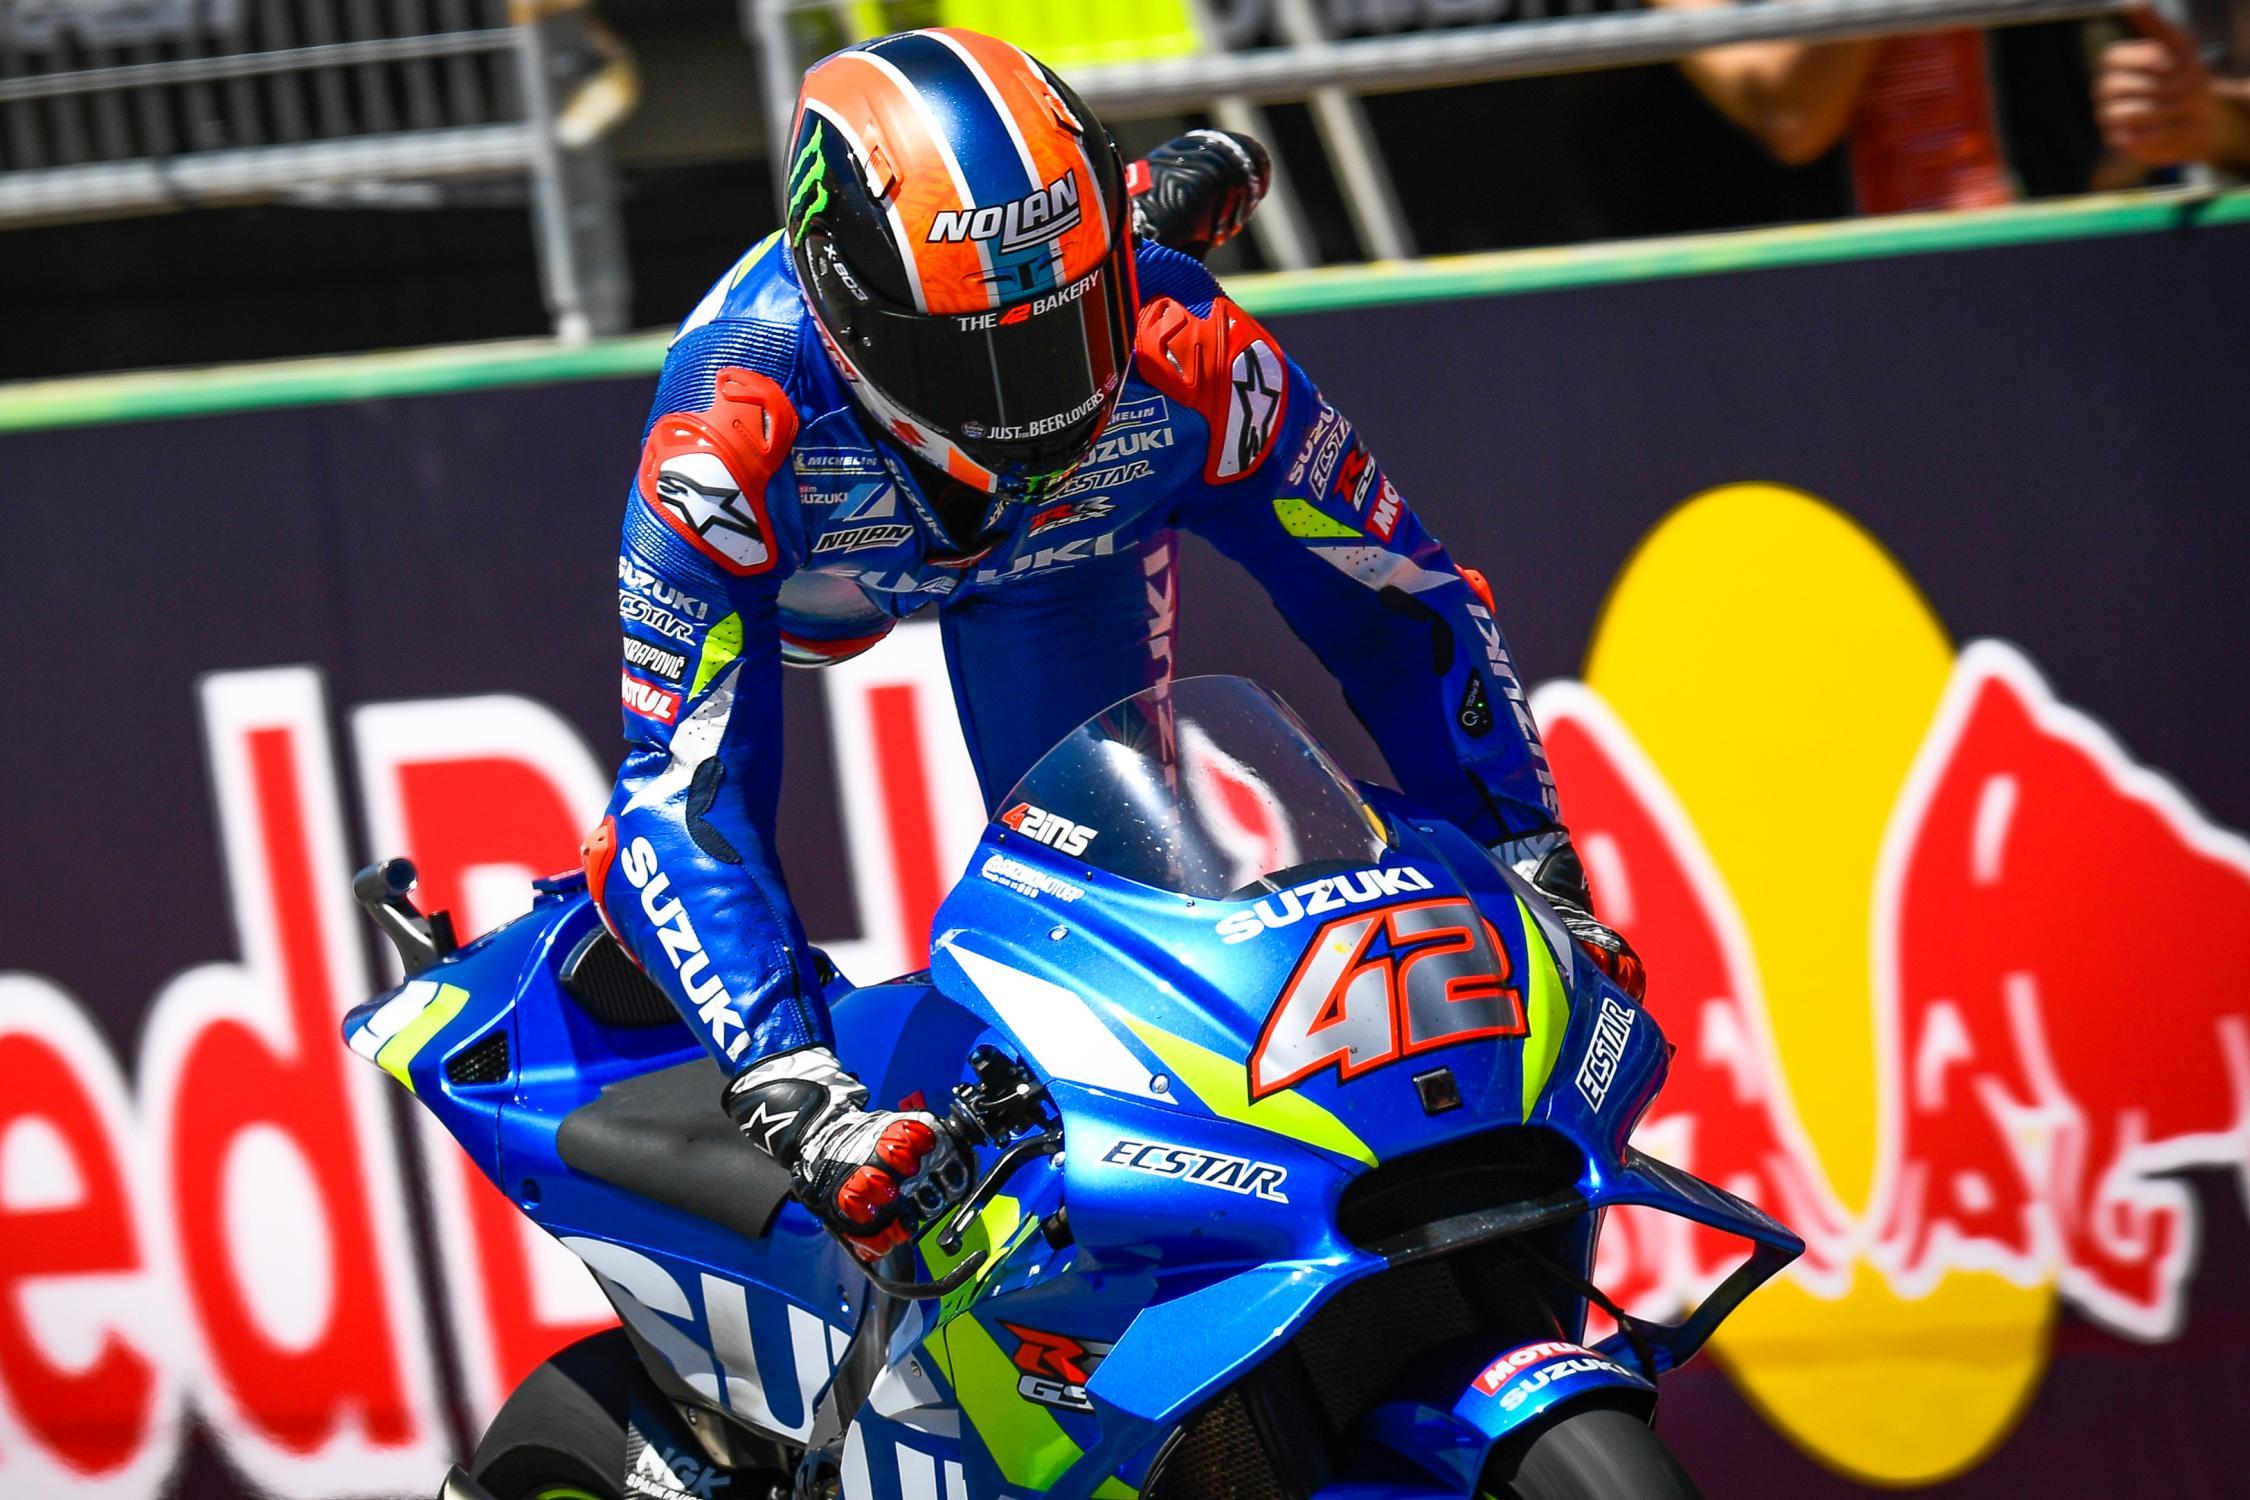 MotoGP - États-Unis - Circuit des Amériques, Austin-14 Avril 2019 - Page 2 Alex-rins-austin-motogp-2019-celebration